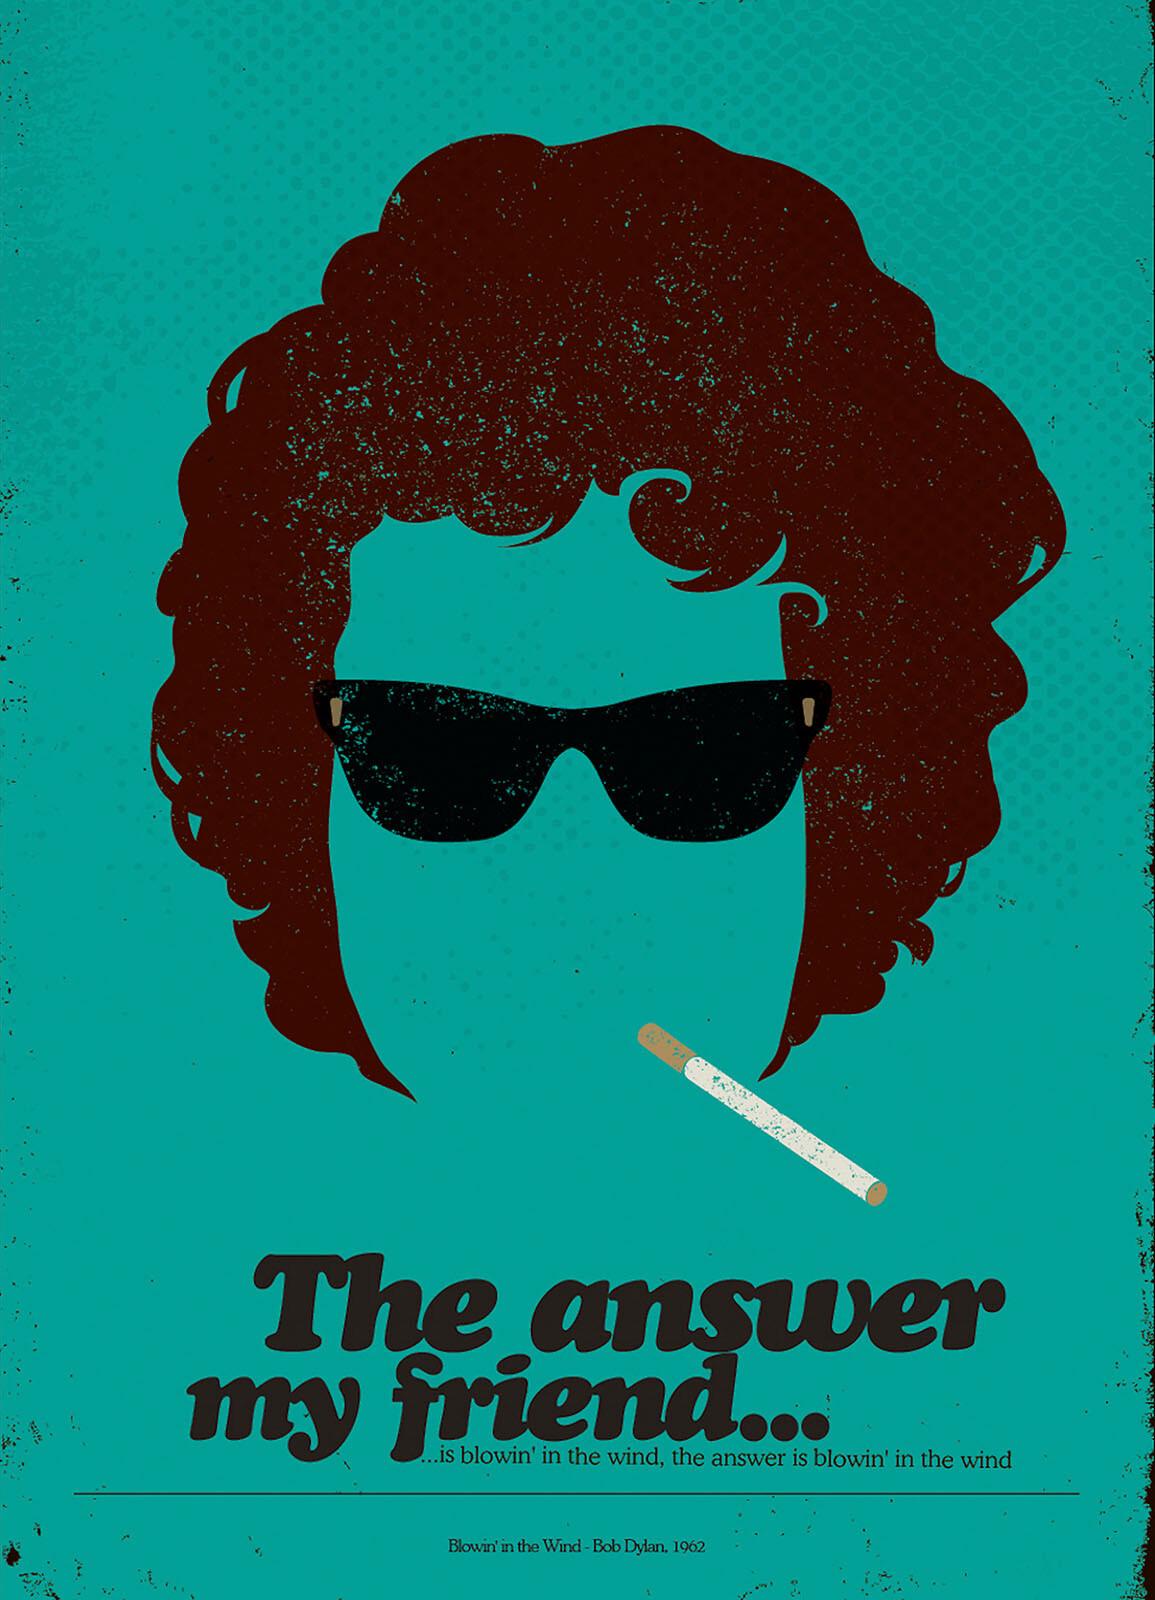 The answer my friend - Rafael Barletta